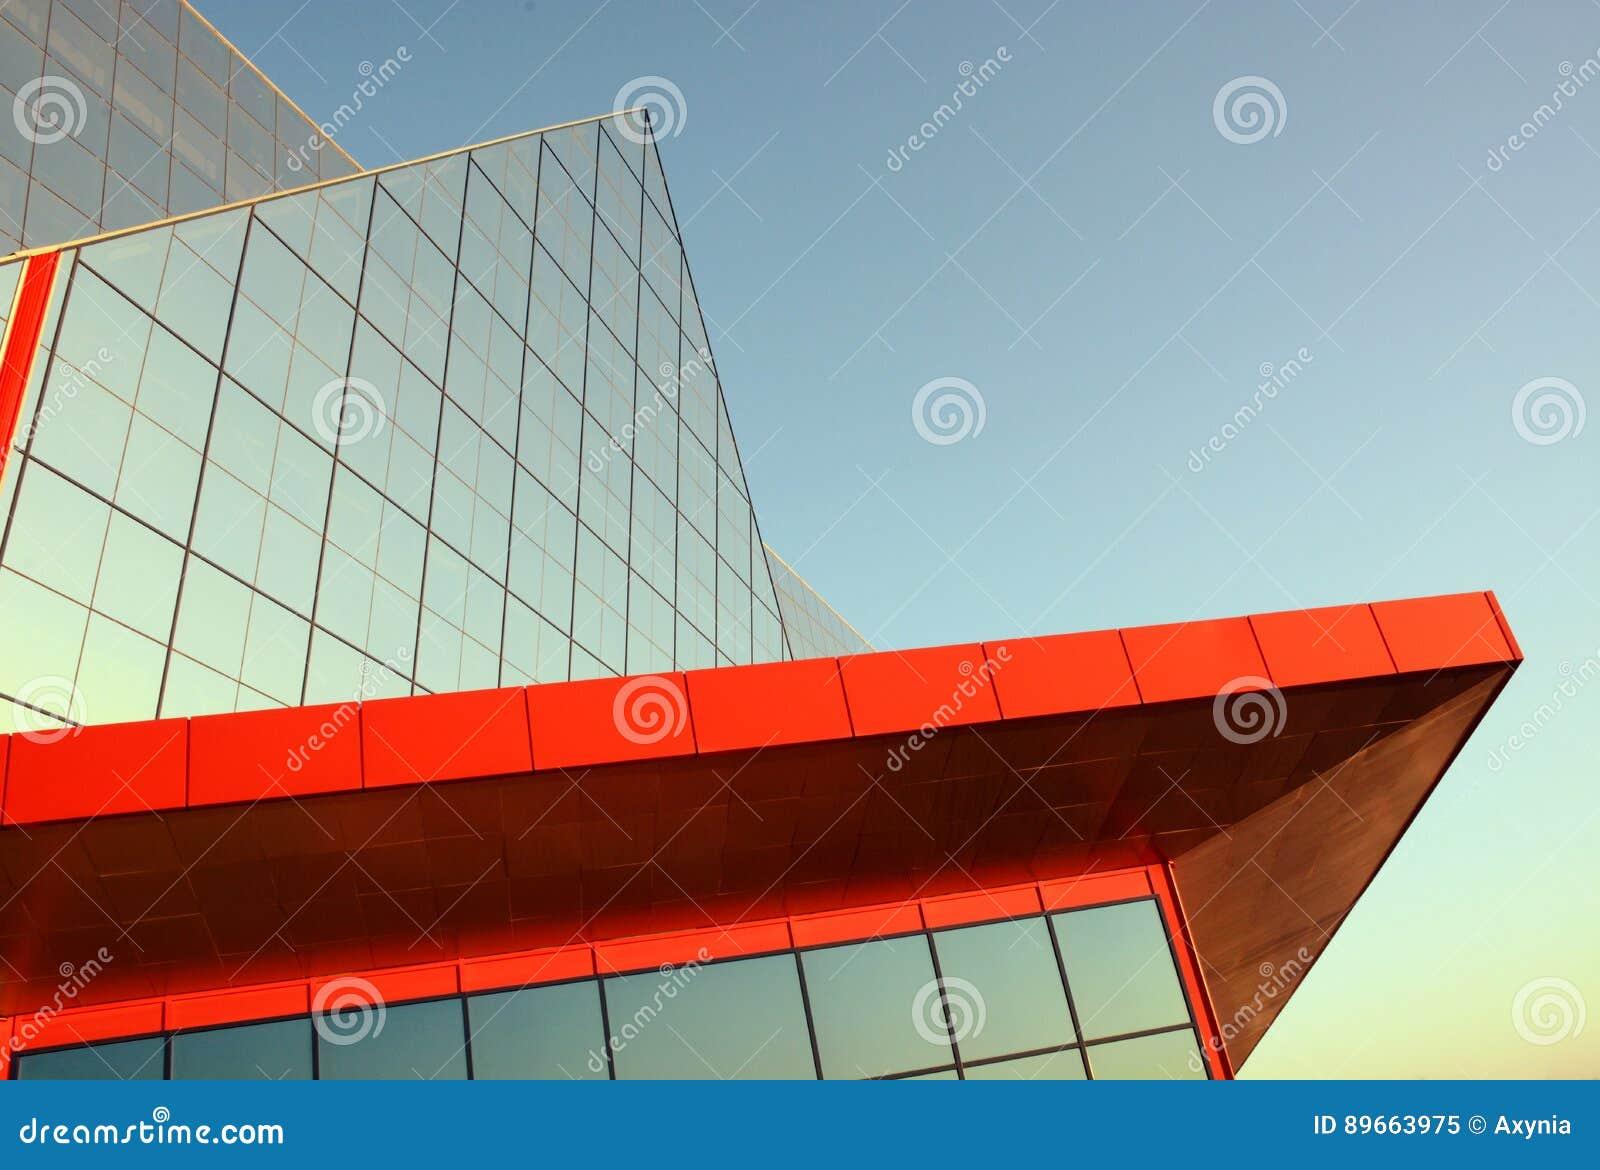 Moderne Architektur Gebaude In Der High Techen Art Stockbild Bild